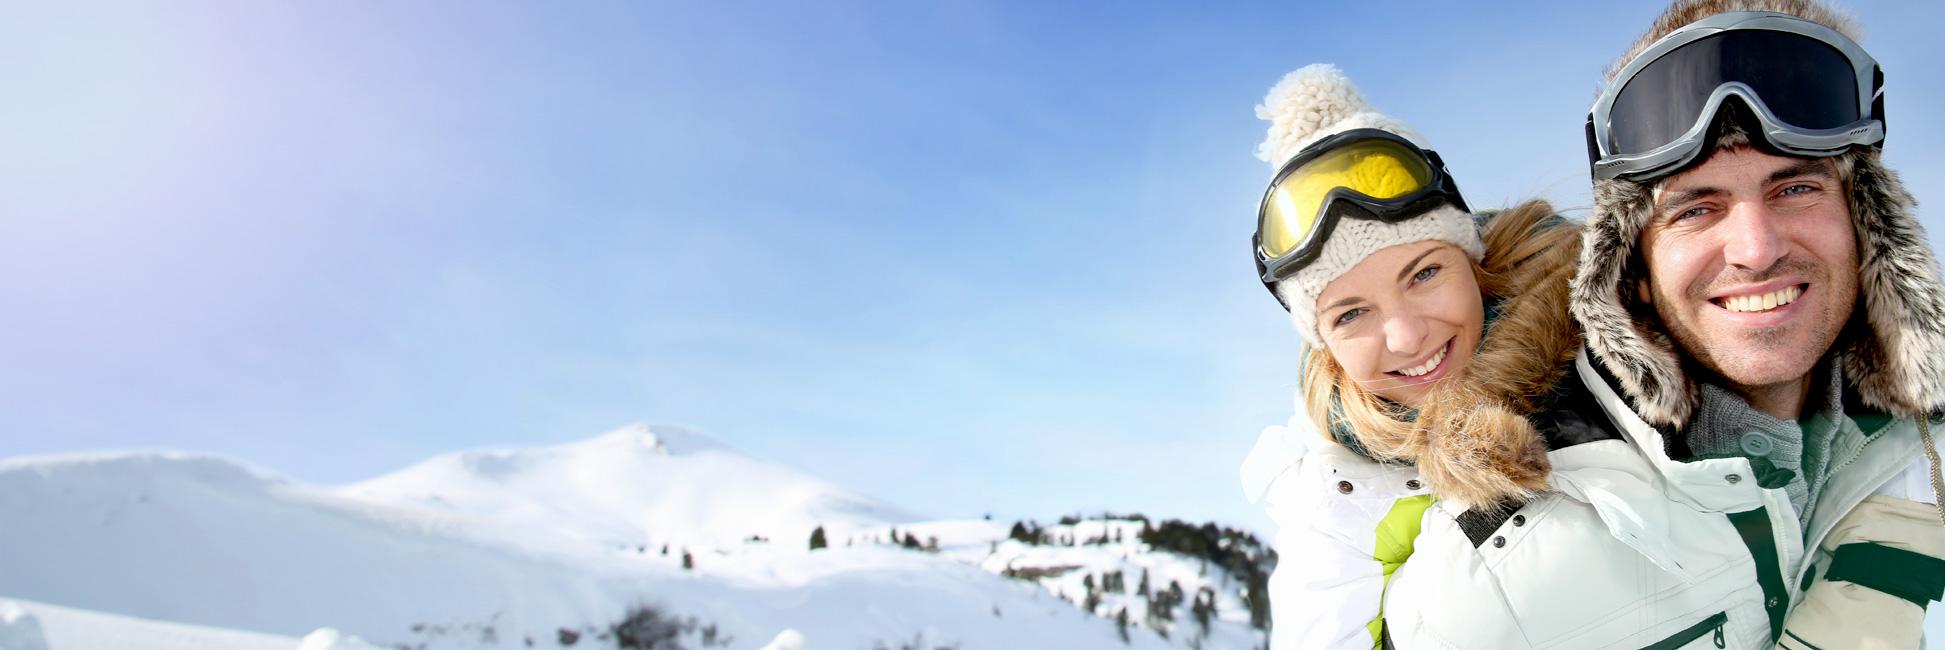 Hotel Gasthof zur Post Winter-Ski Gebiet